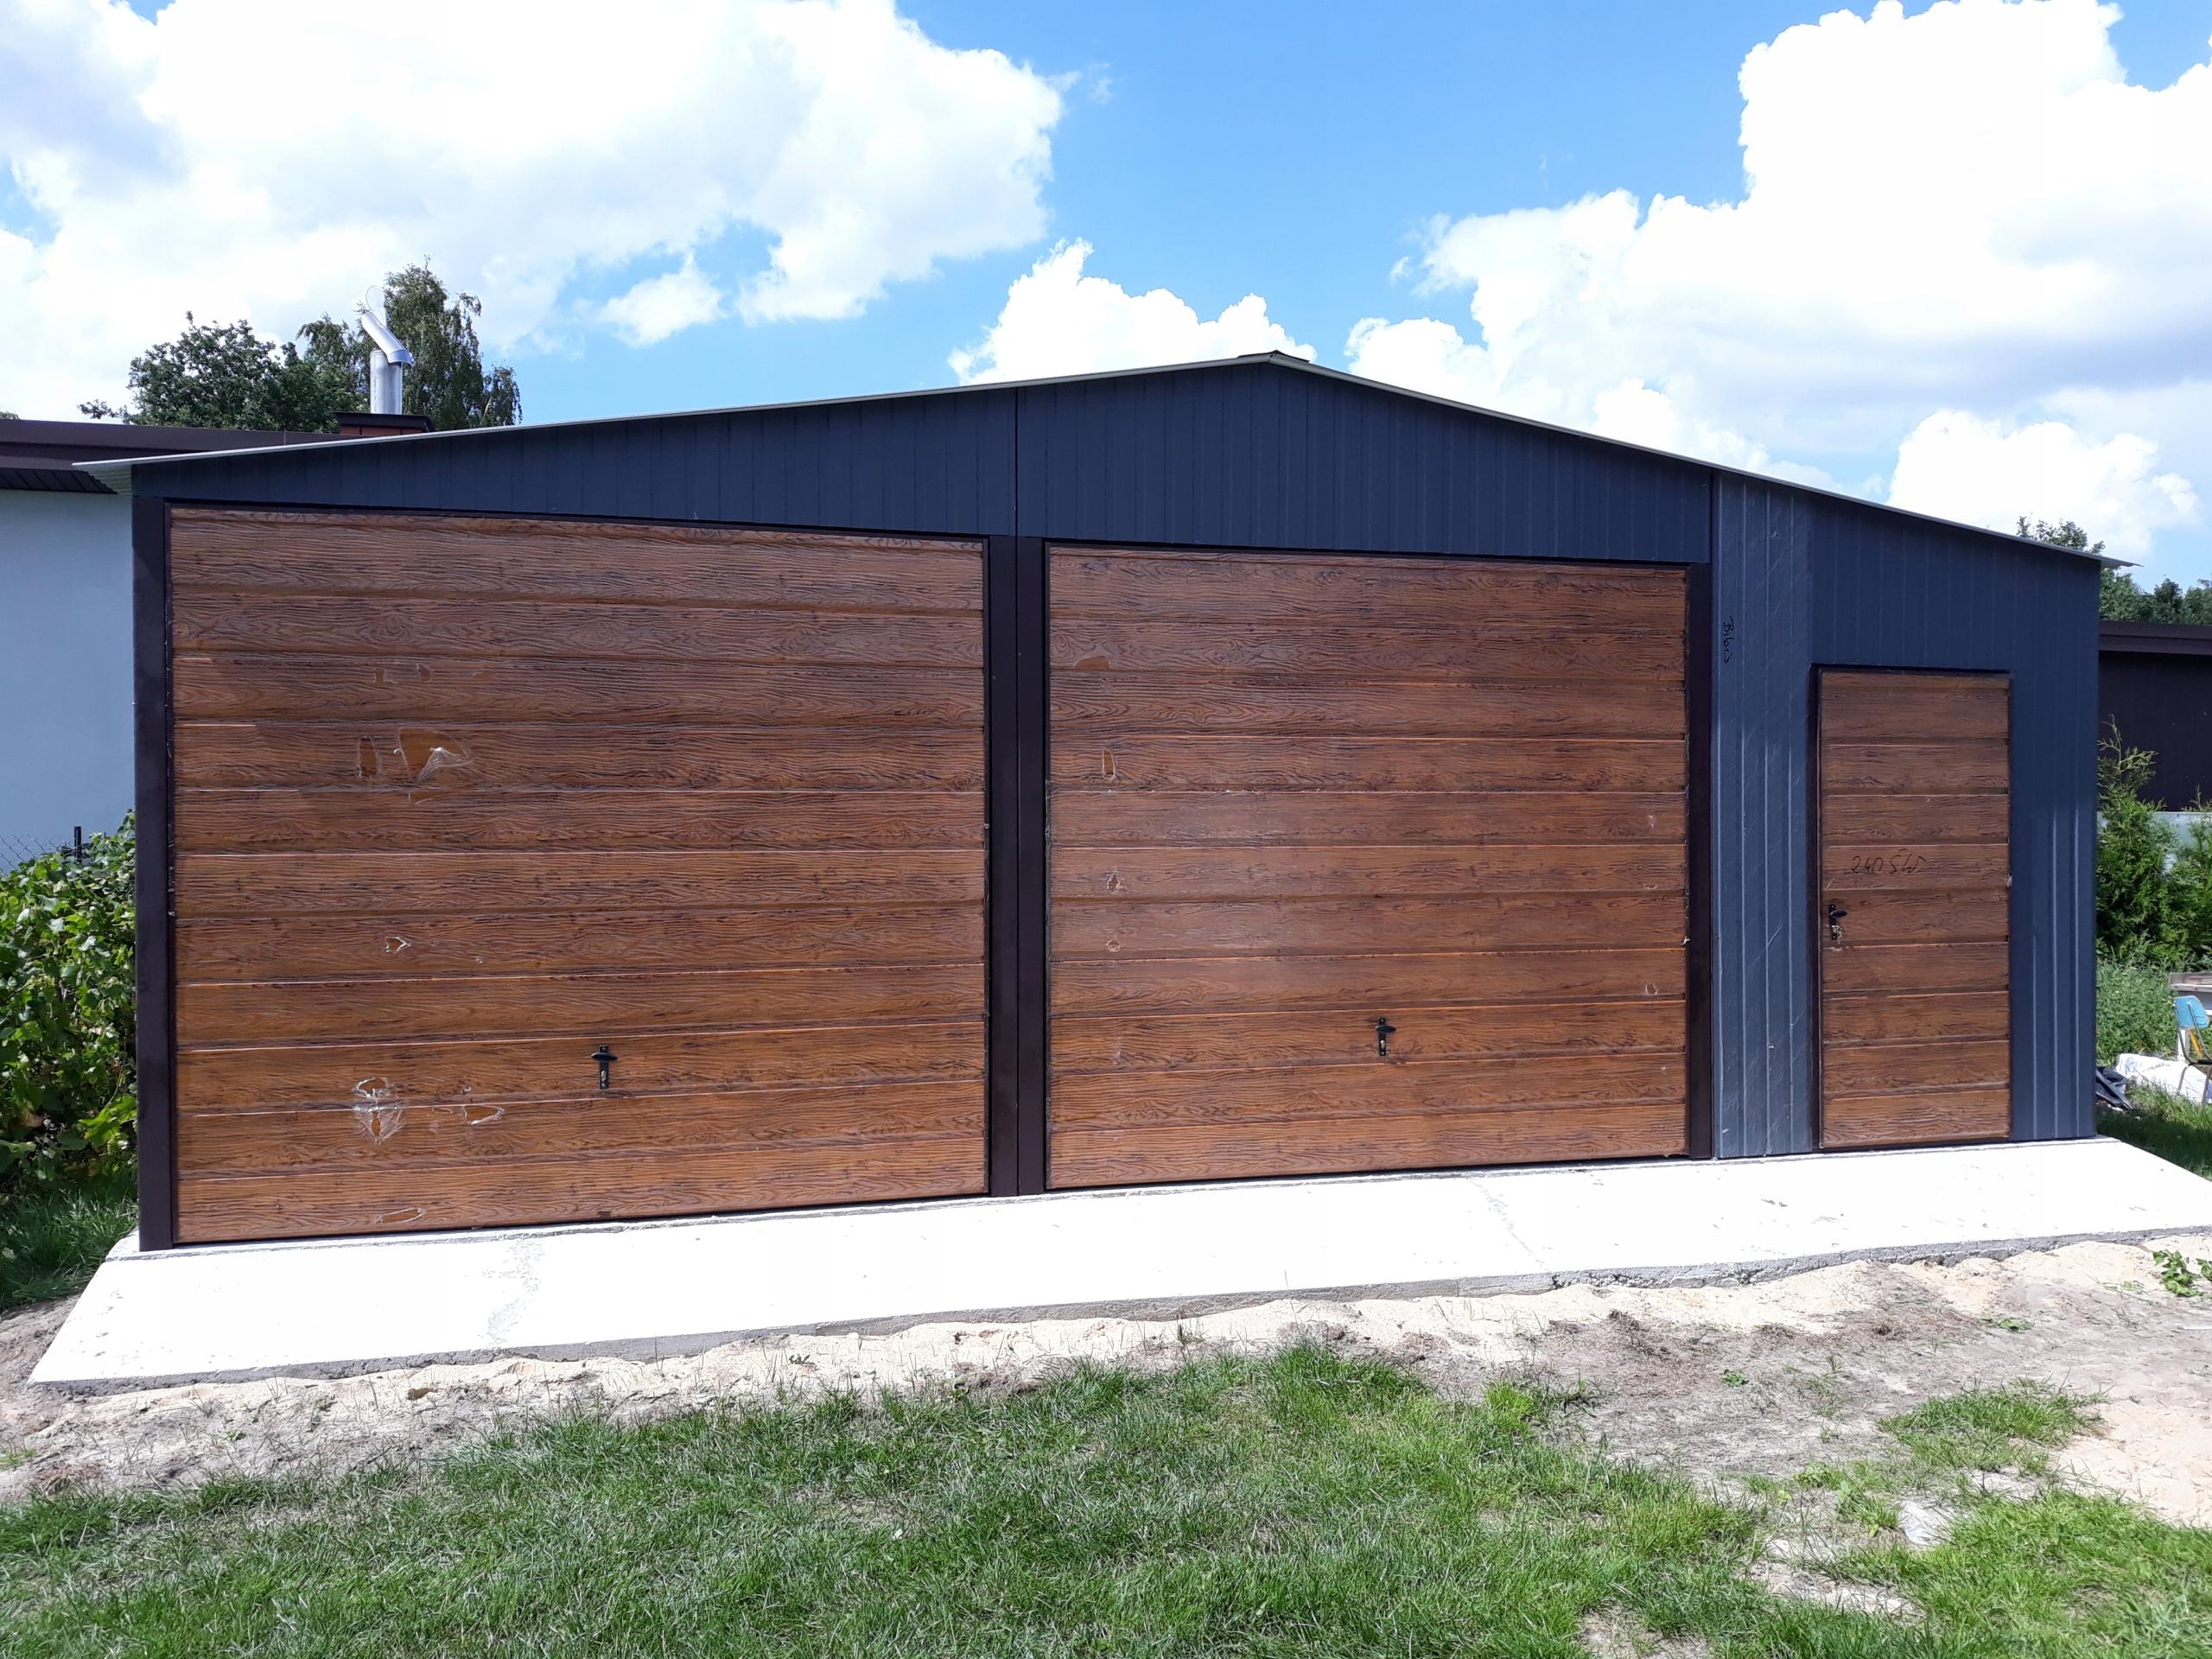 Aktualne garaż blaszany garaz blaszak 8x6 wysoki 250cm 7x7 - 7717283610 WJ53